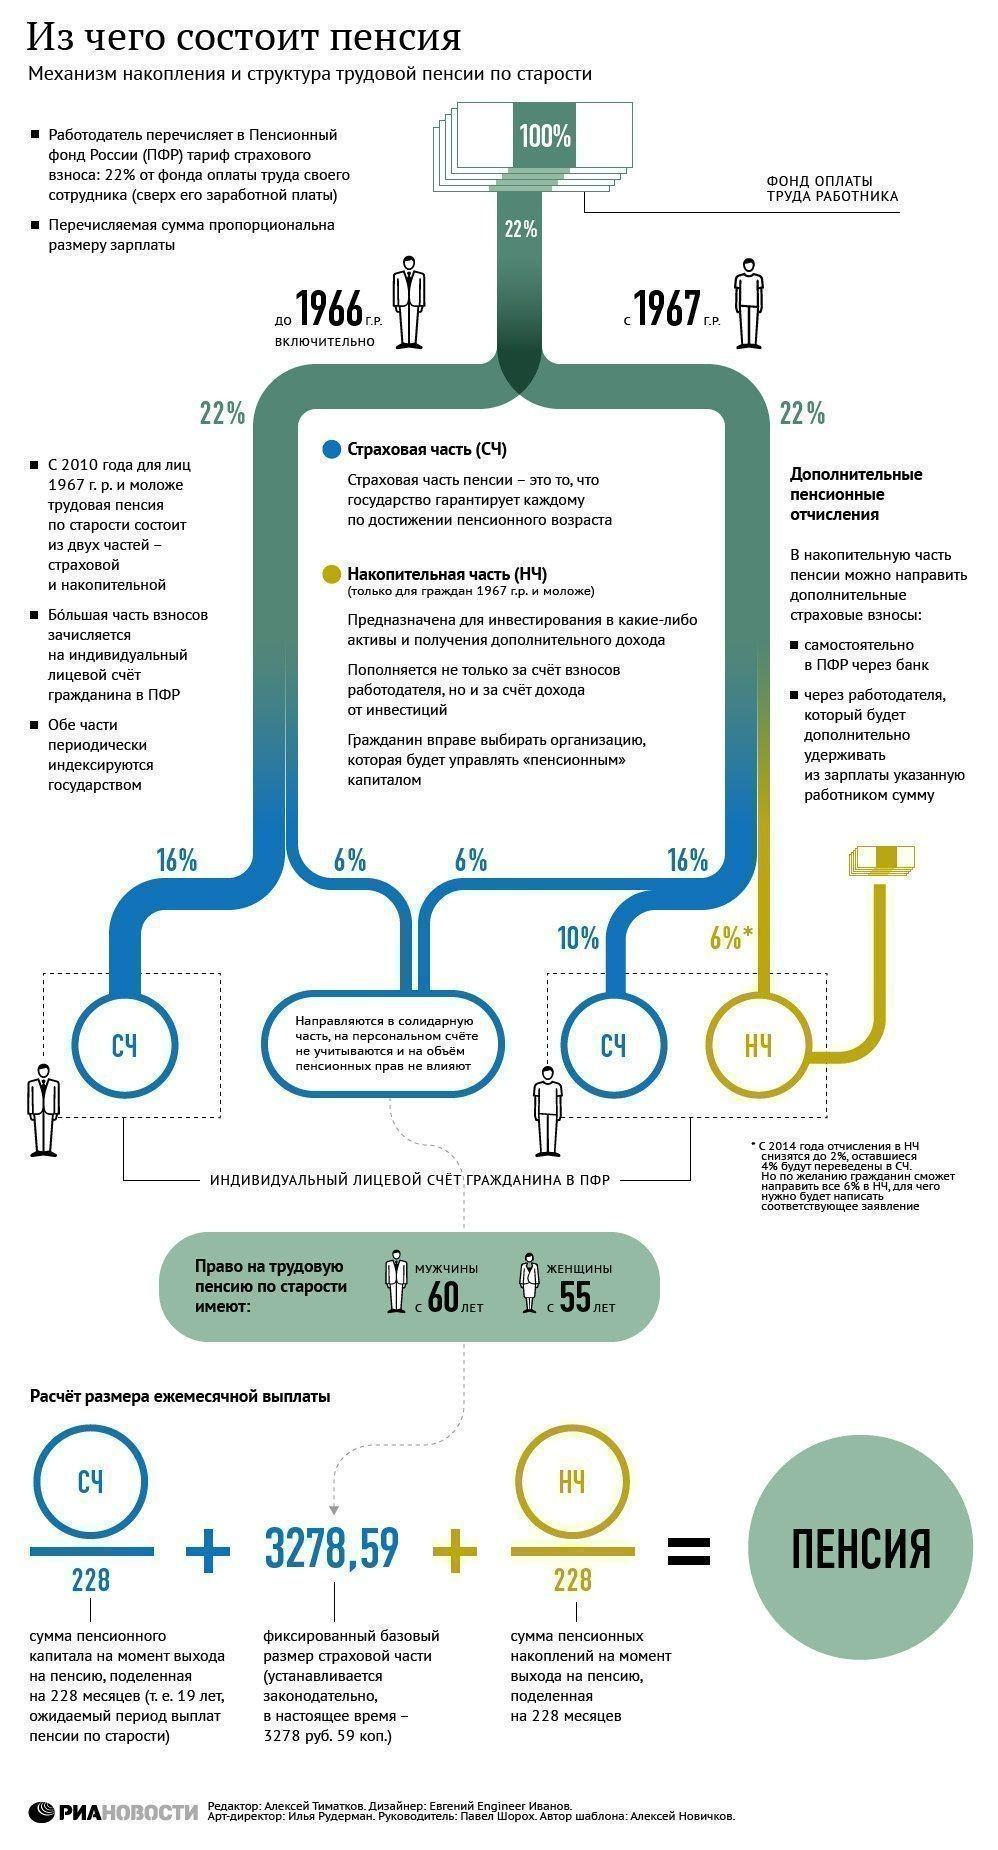 Правительство России одобрило новую формулу расчета пенсий